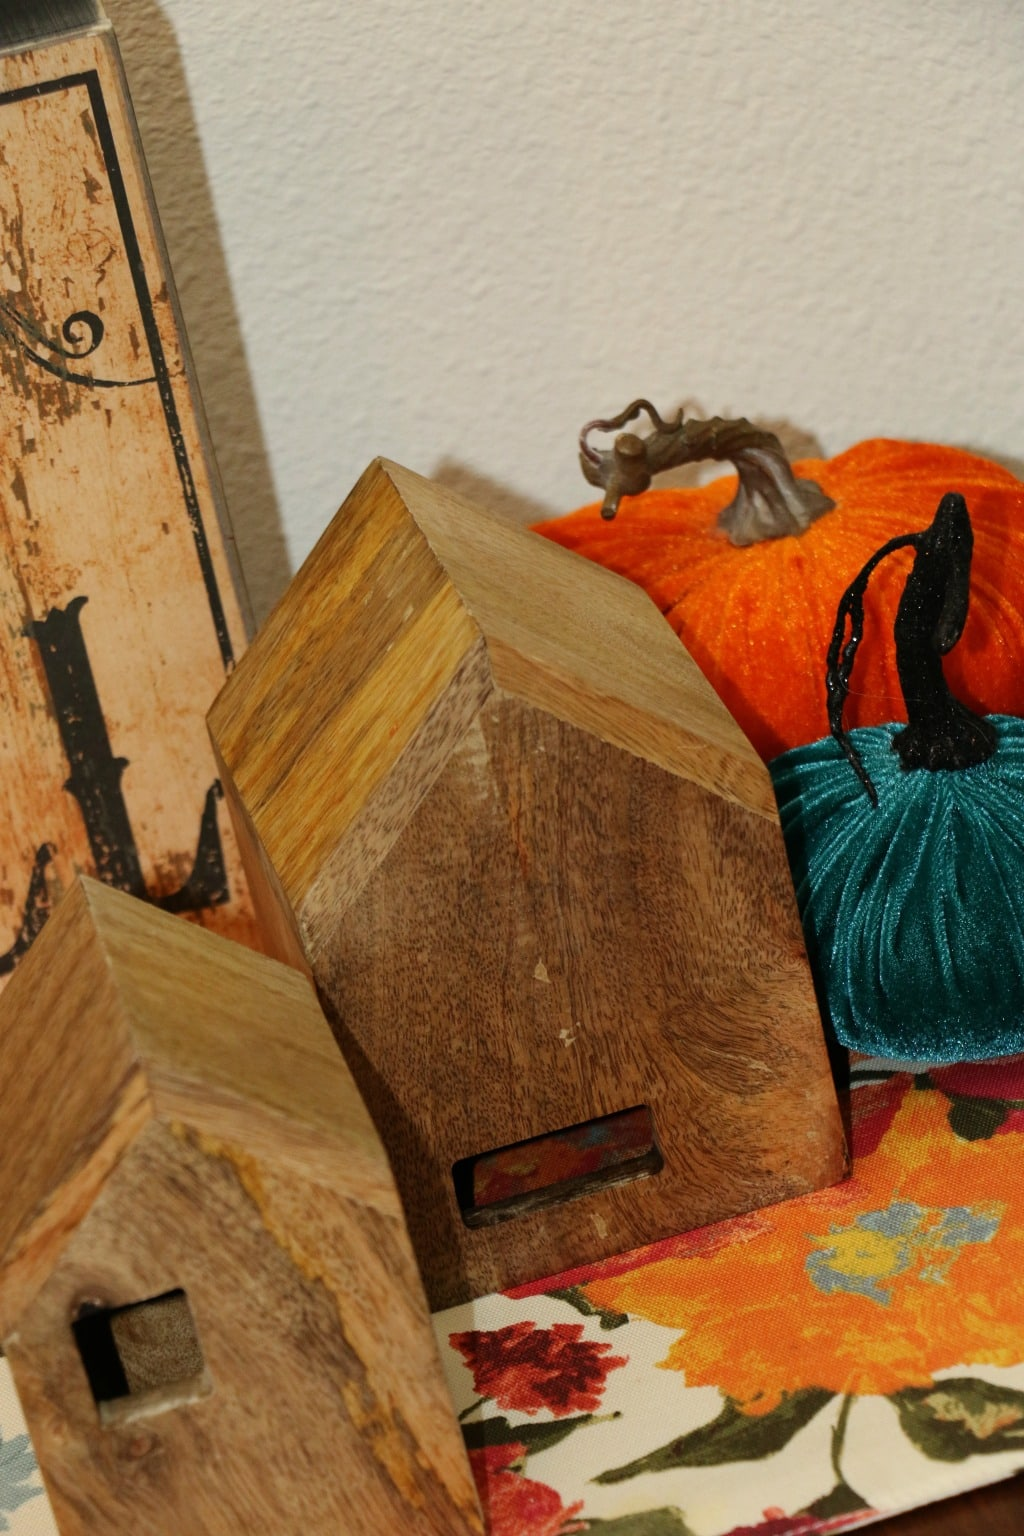 wood nesting boxes